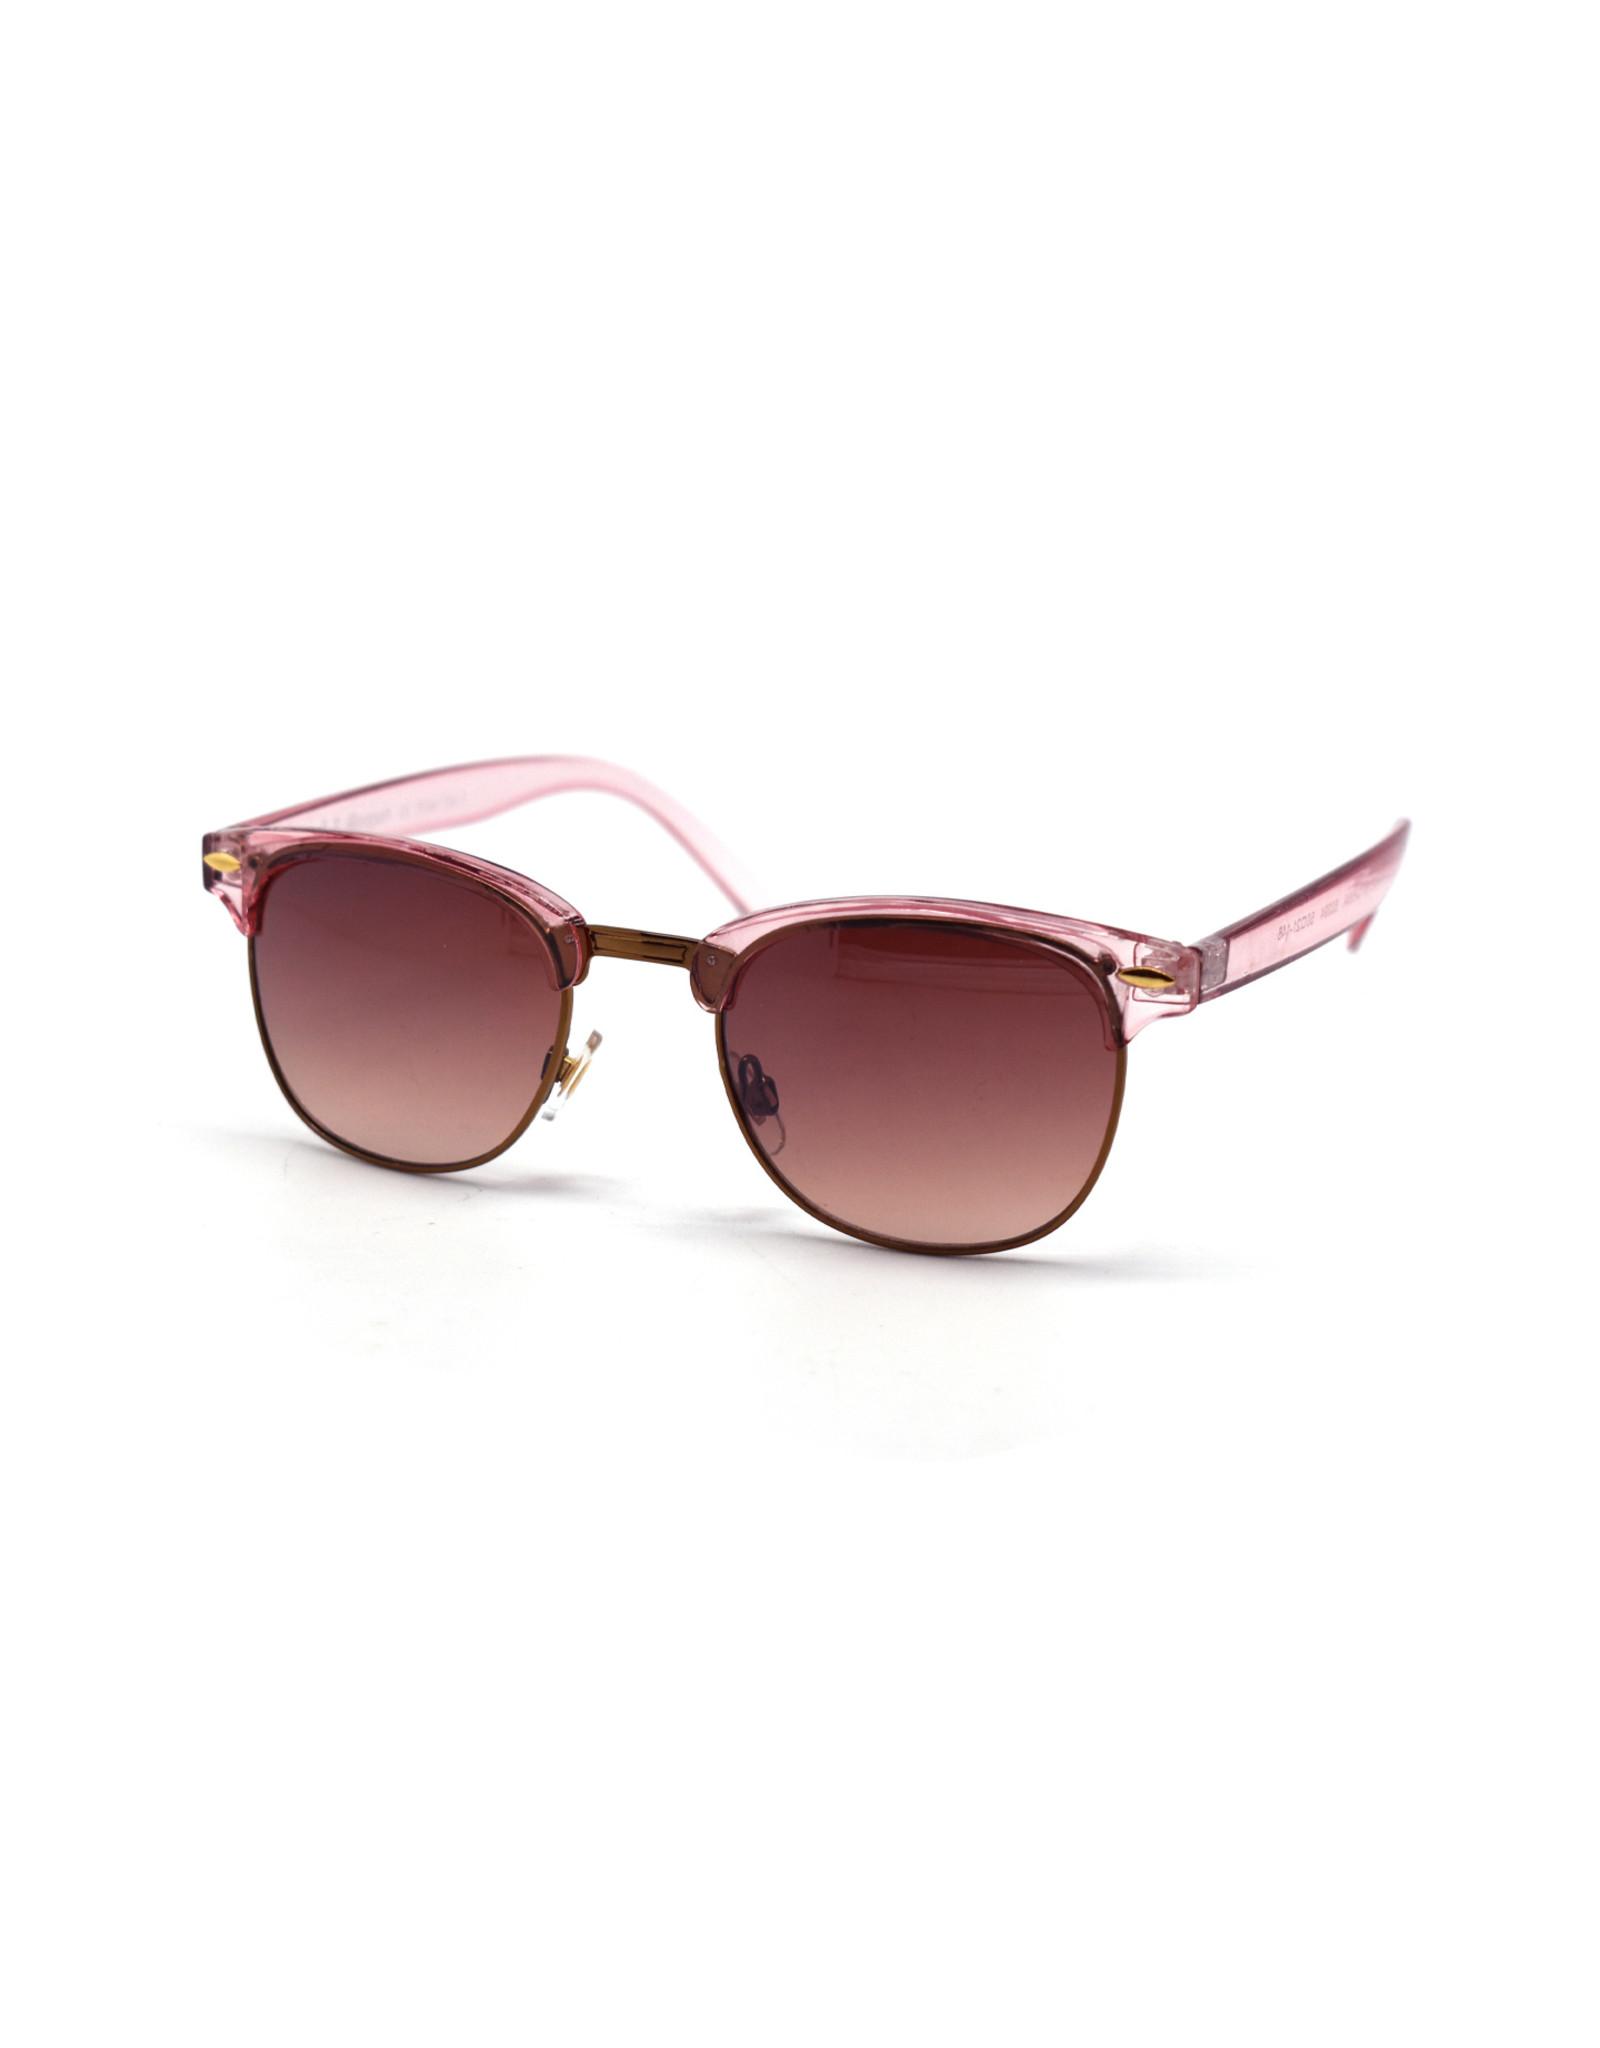 Beauty School Dropout Sunglasses